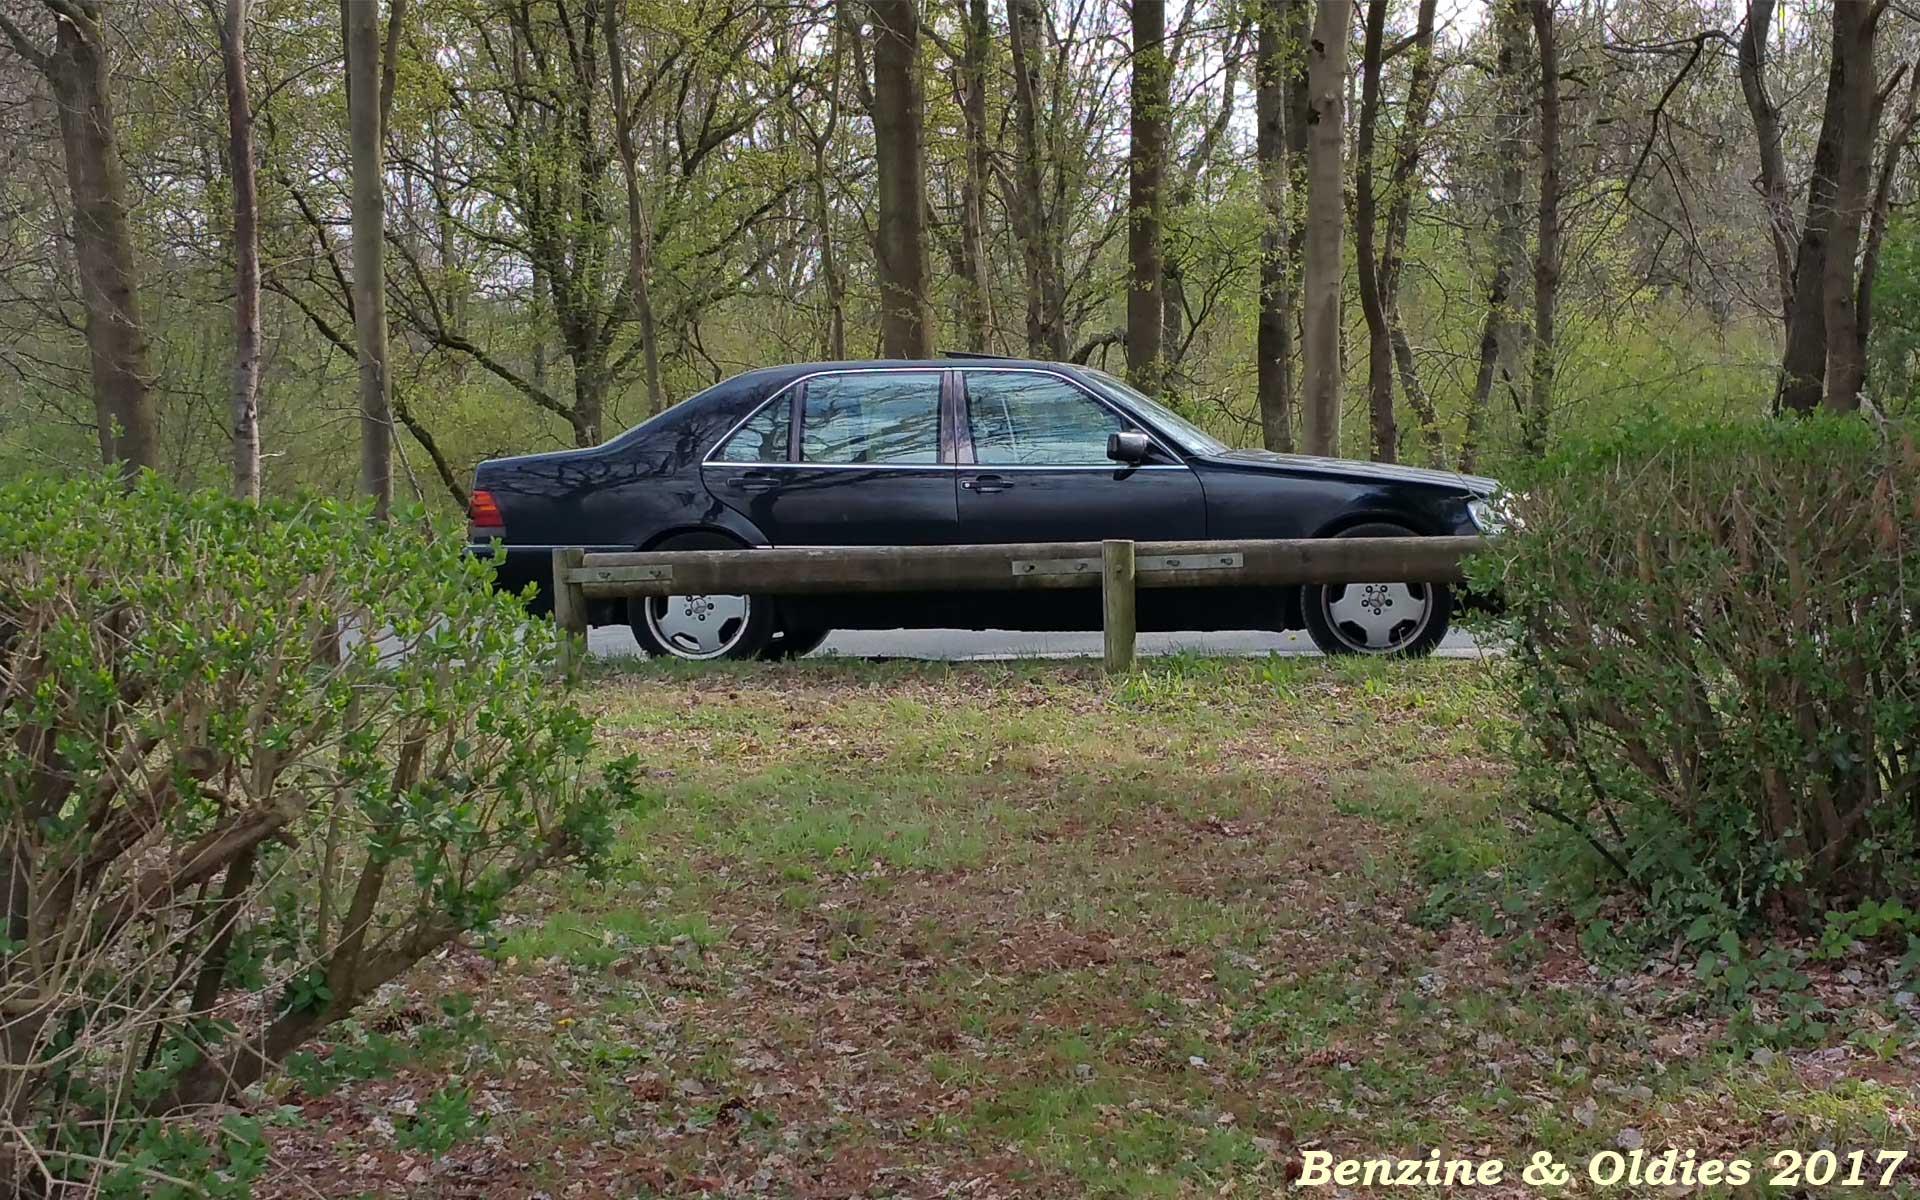 photos de ma Mercedes classe S w140 personnelle Mb_w140_perso_170411_05_w1920_1200